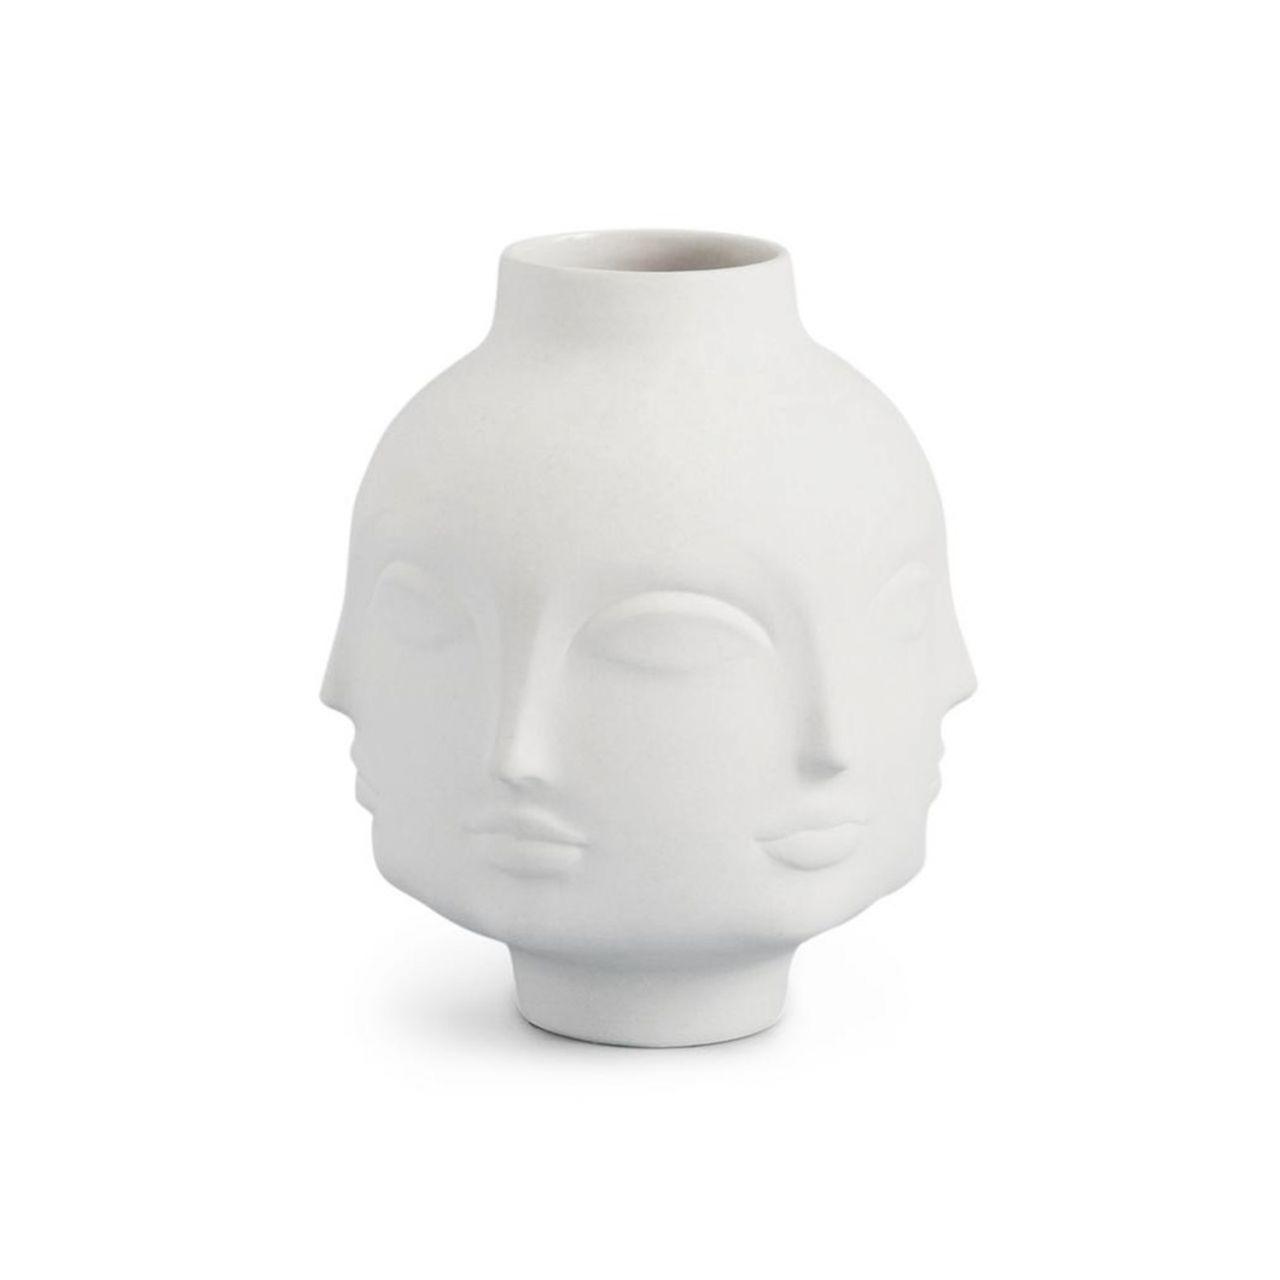 Jonathan Adler - Dora Maar Vase 149